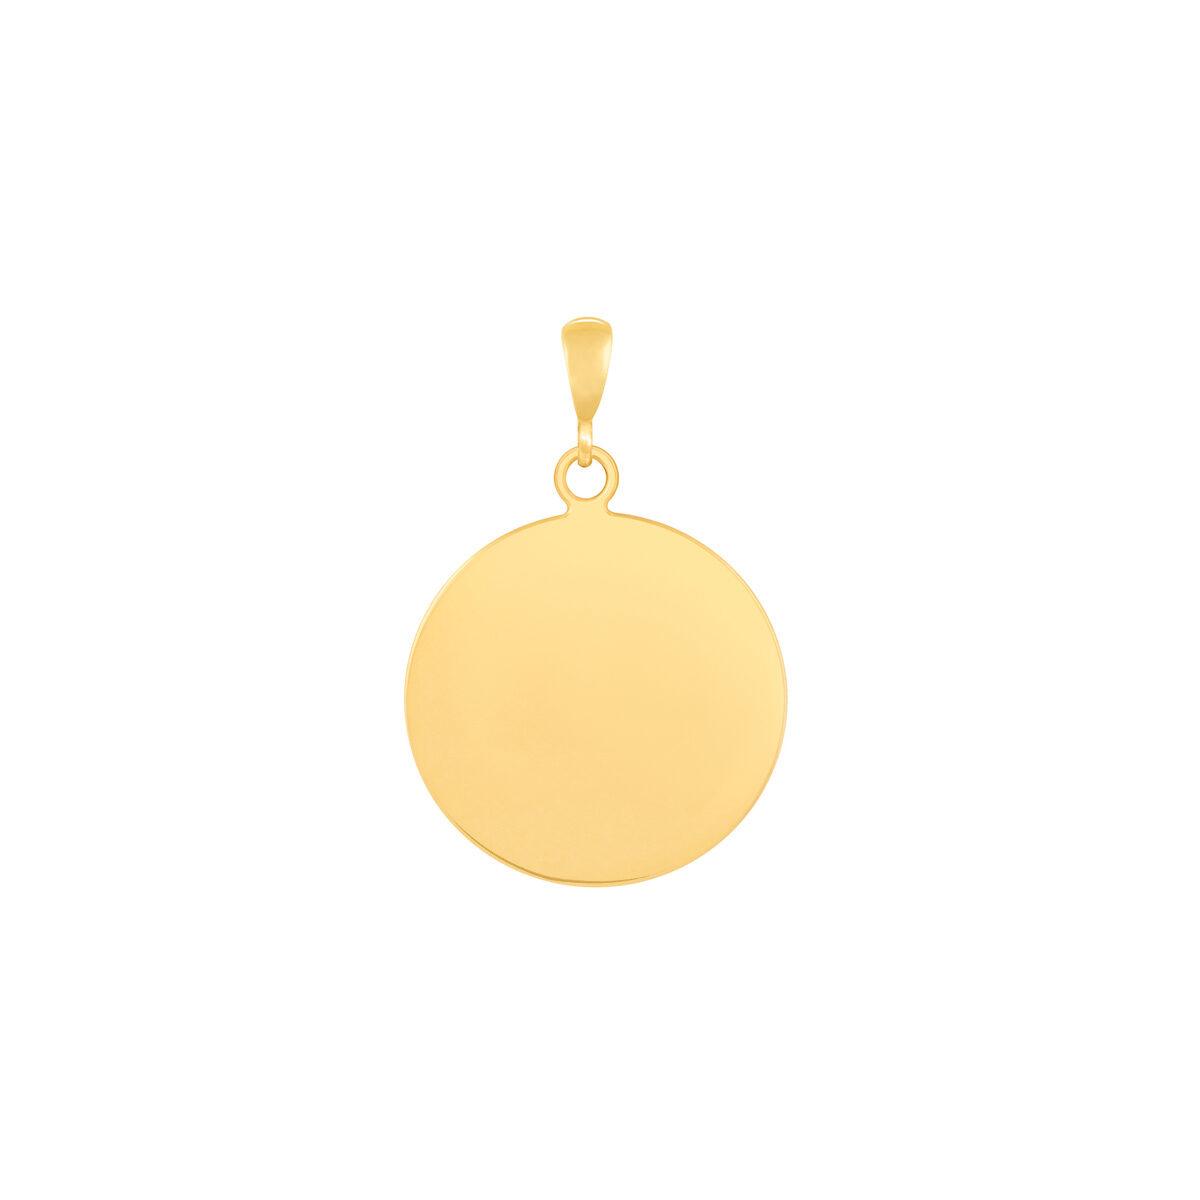 آویز طلا دایره حکاکی بزرگ